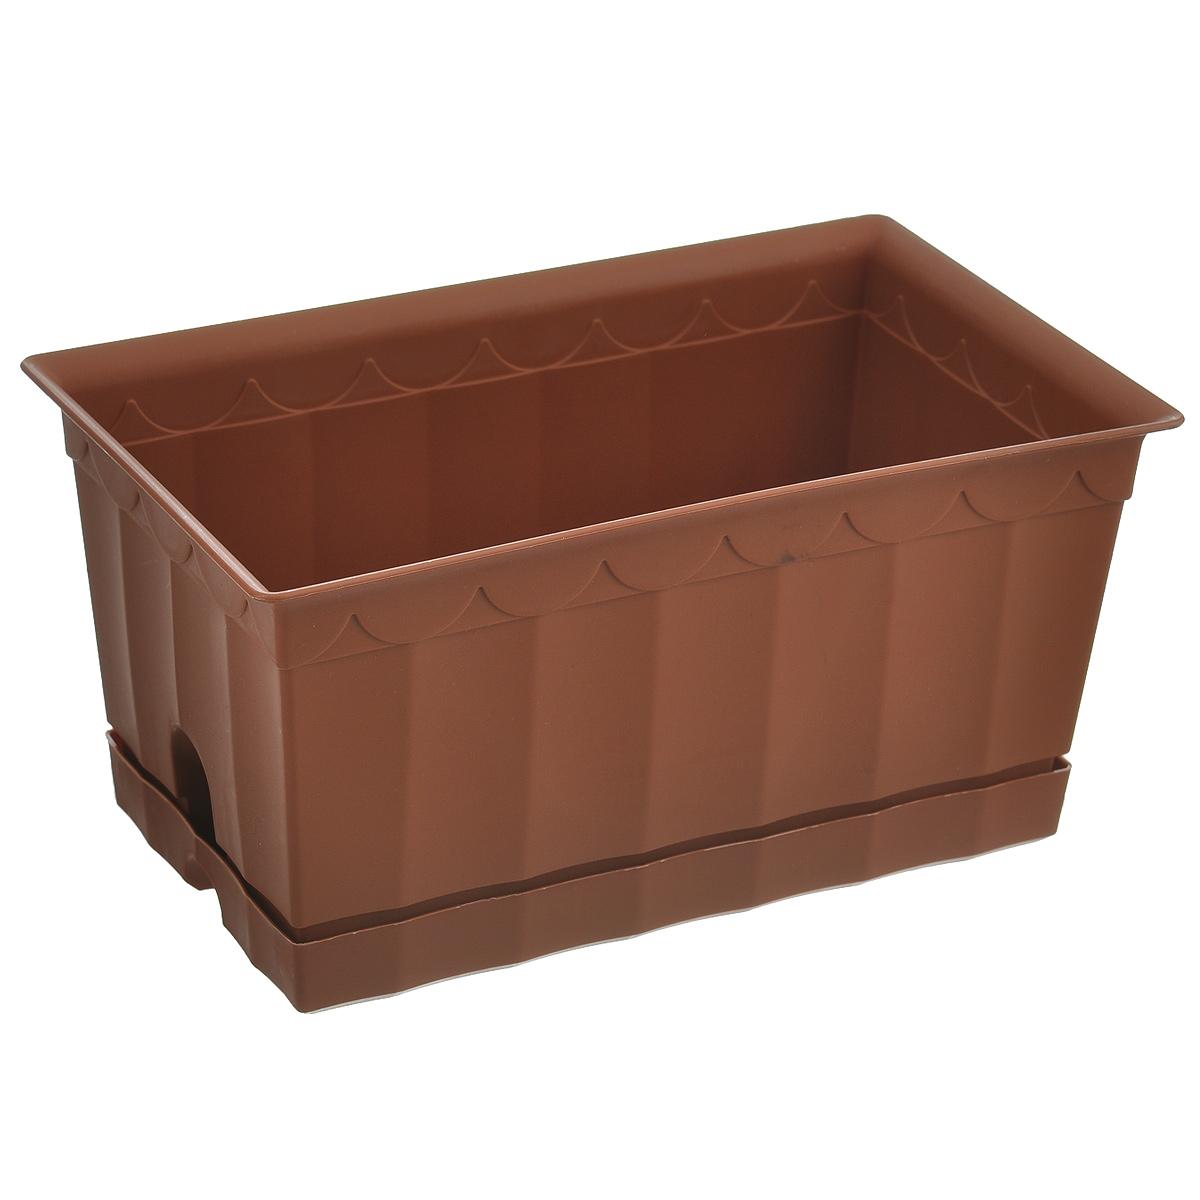 Ящик для цветов с поддоном Полимербыт, цвет: коричневый, 20 х 12 х 9,5 смZ-0307Ящик для цветов Полимербыт, выполненный из пластика коричневого цвета, - прекрасный способ подчеркнуть красоту и уникальность любого растения и дополнить интерьер помещения. Такой ящик также прекрасно подойдет для рассады. К ящику прилагается поддон.